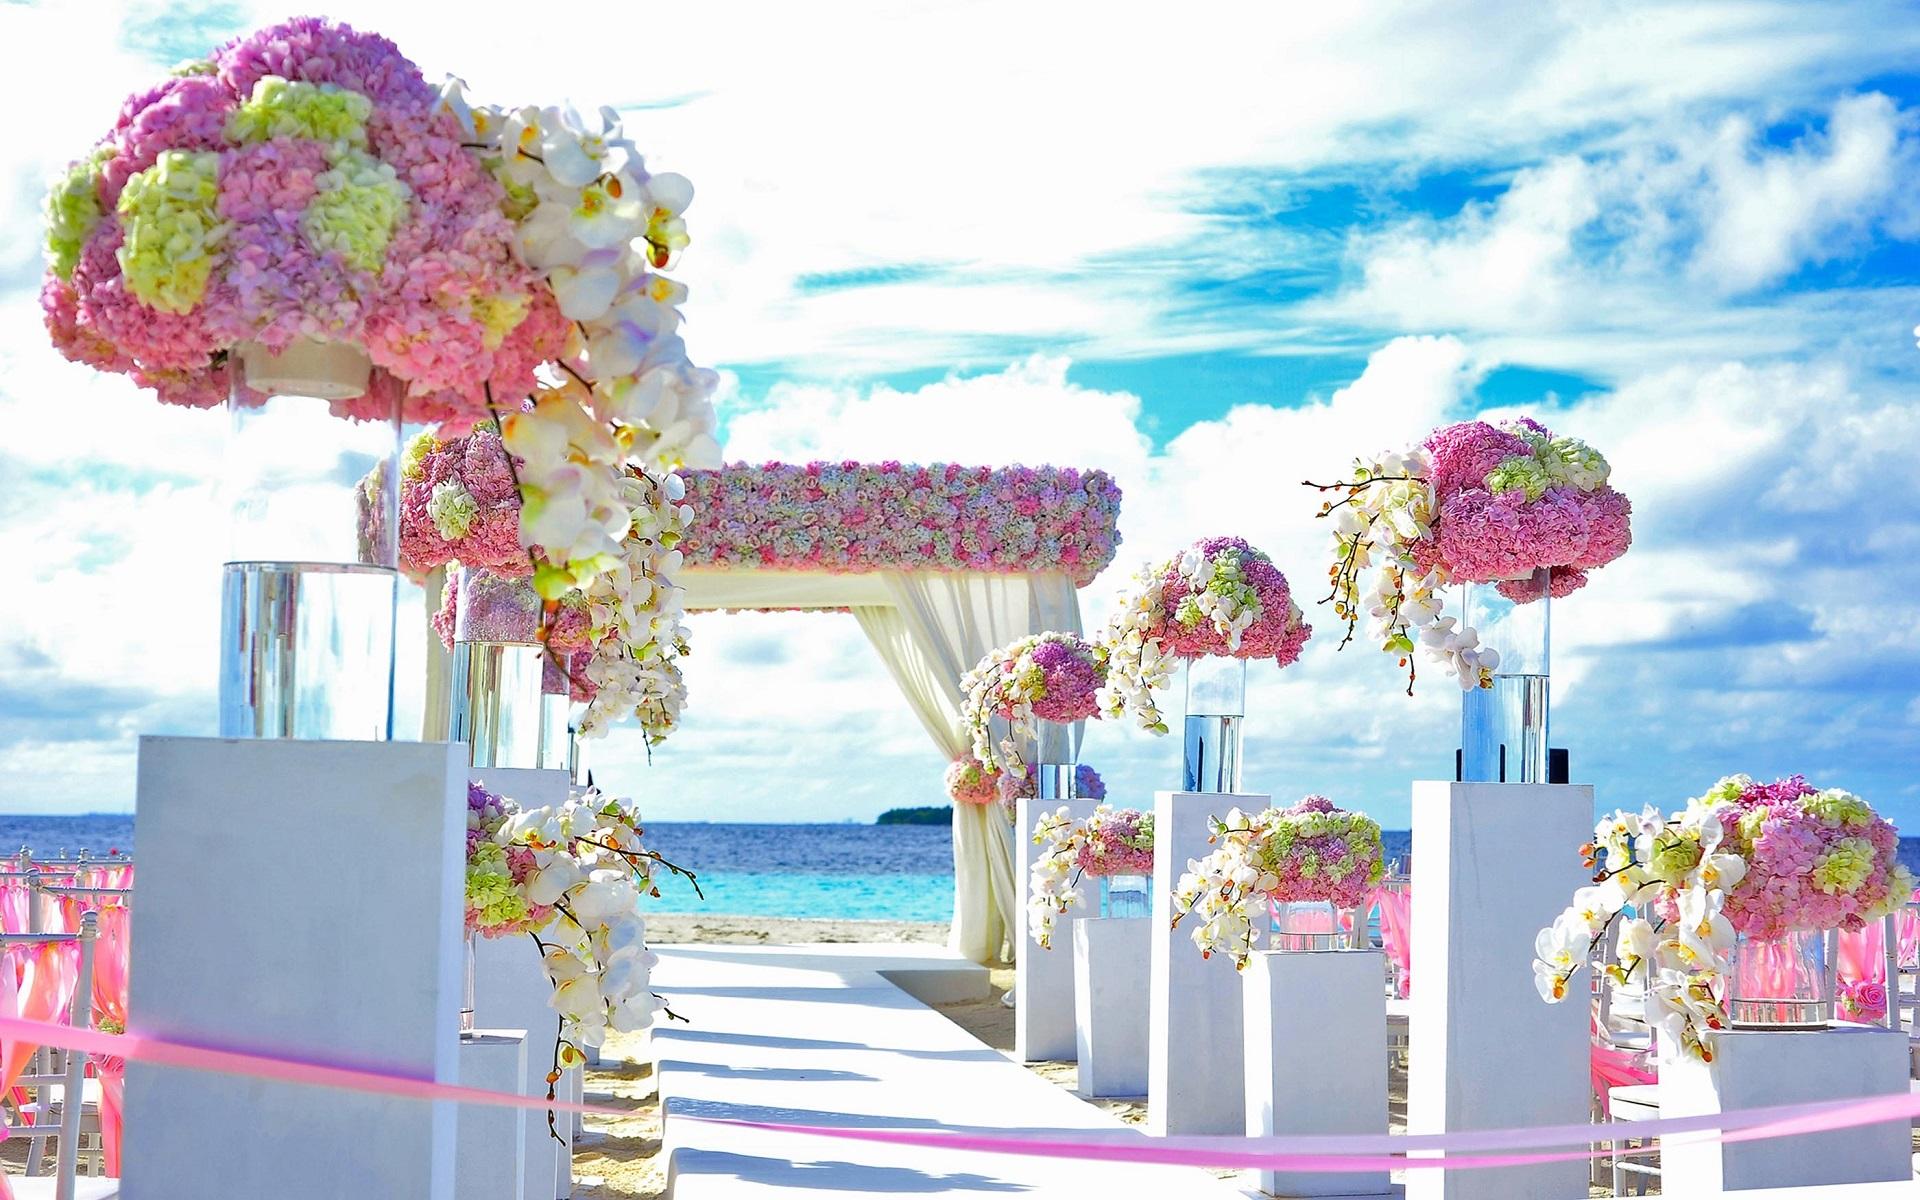 Beach-beach-wedding-chairs-169192b